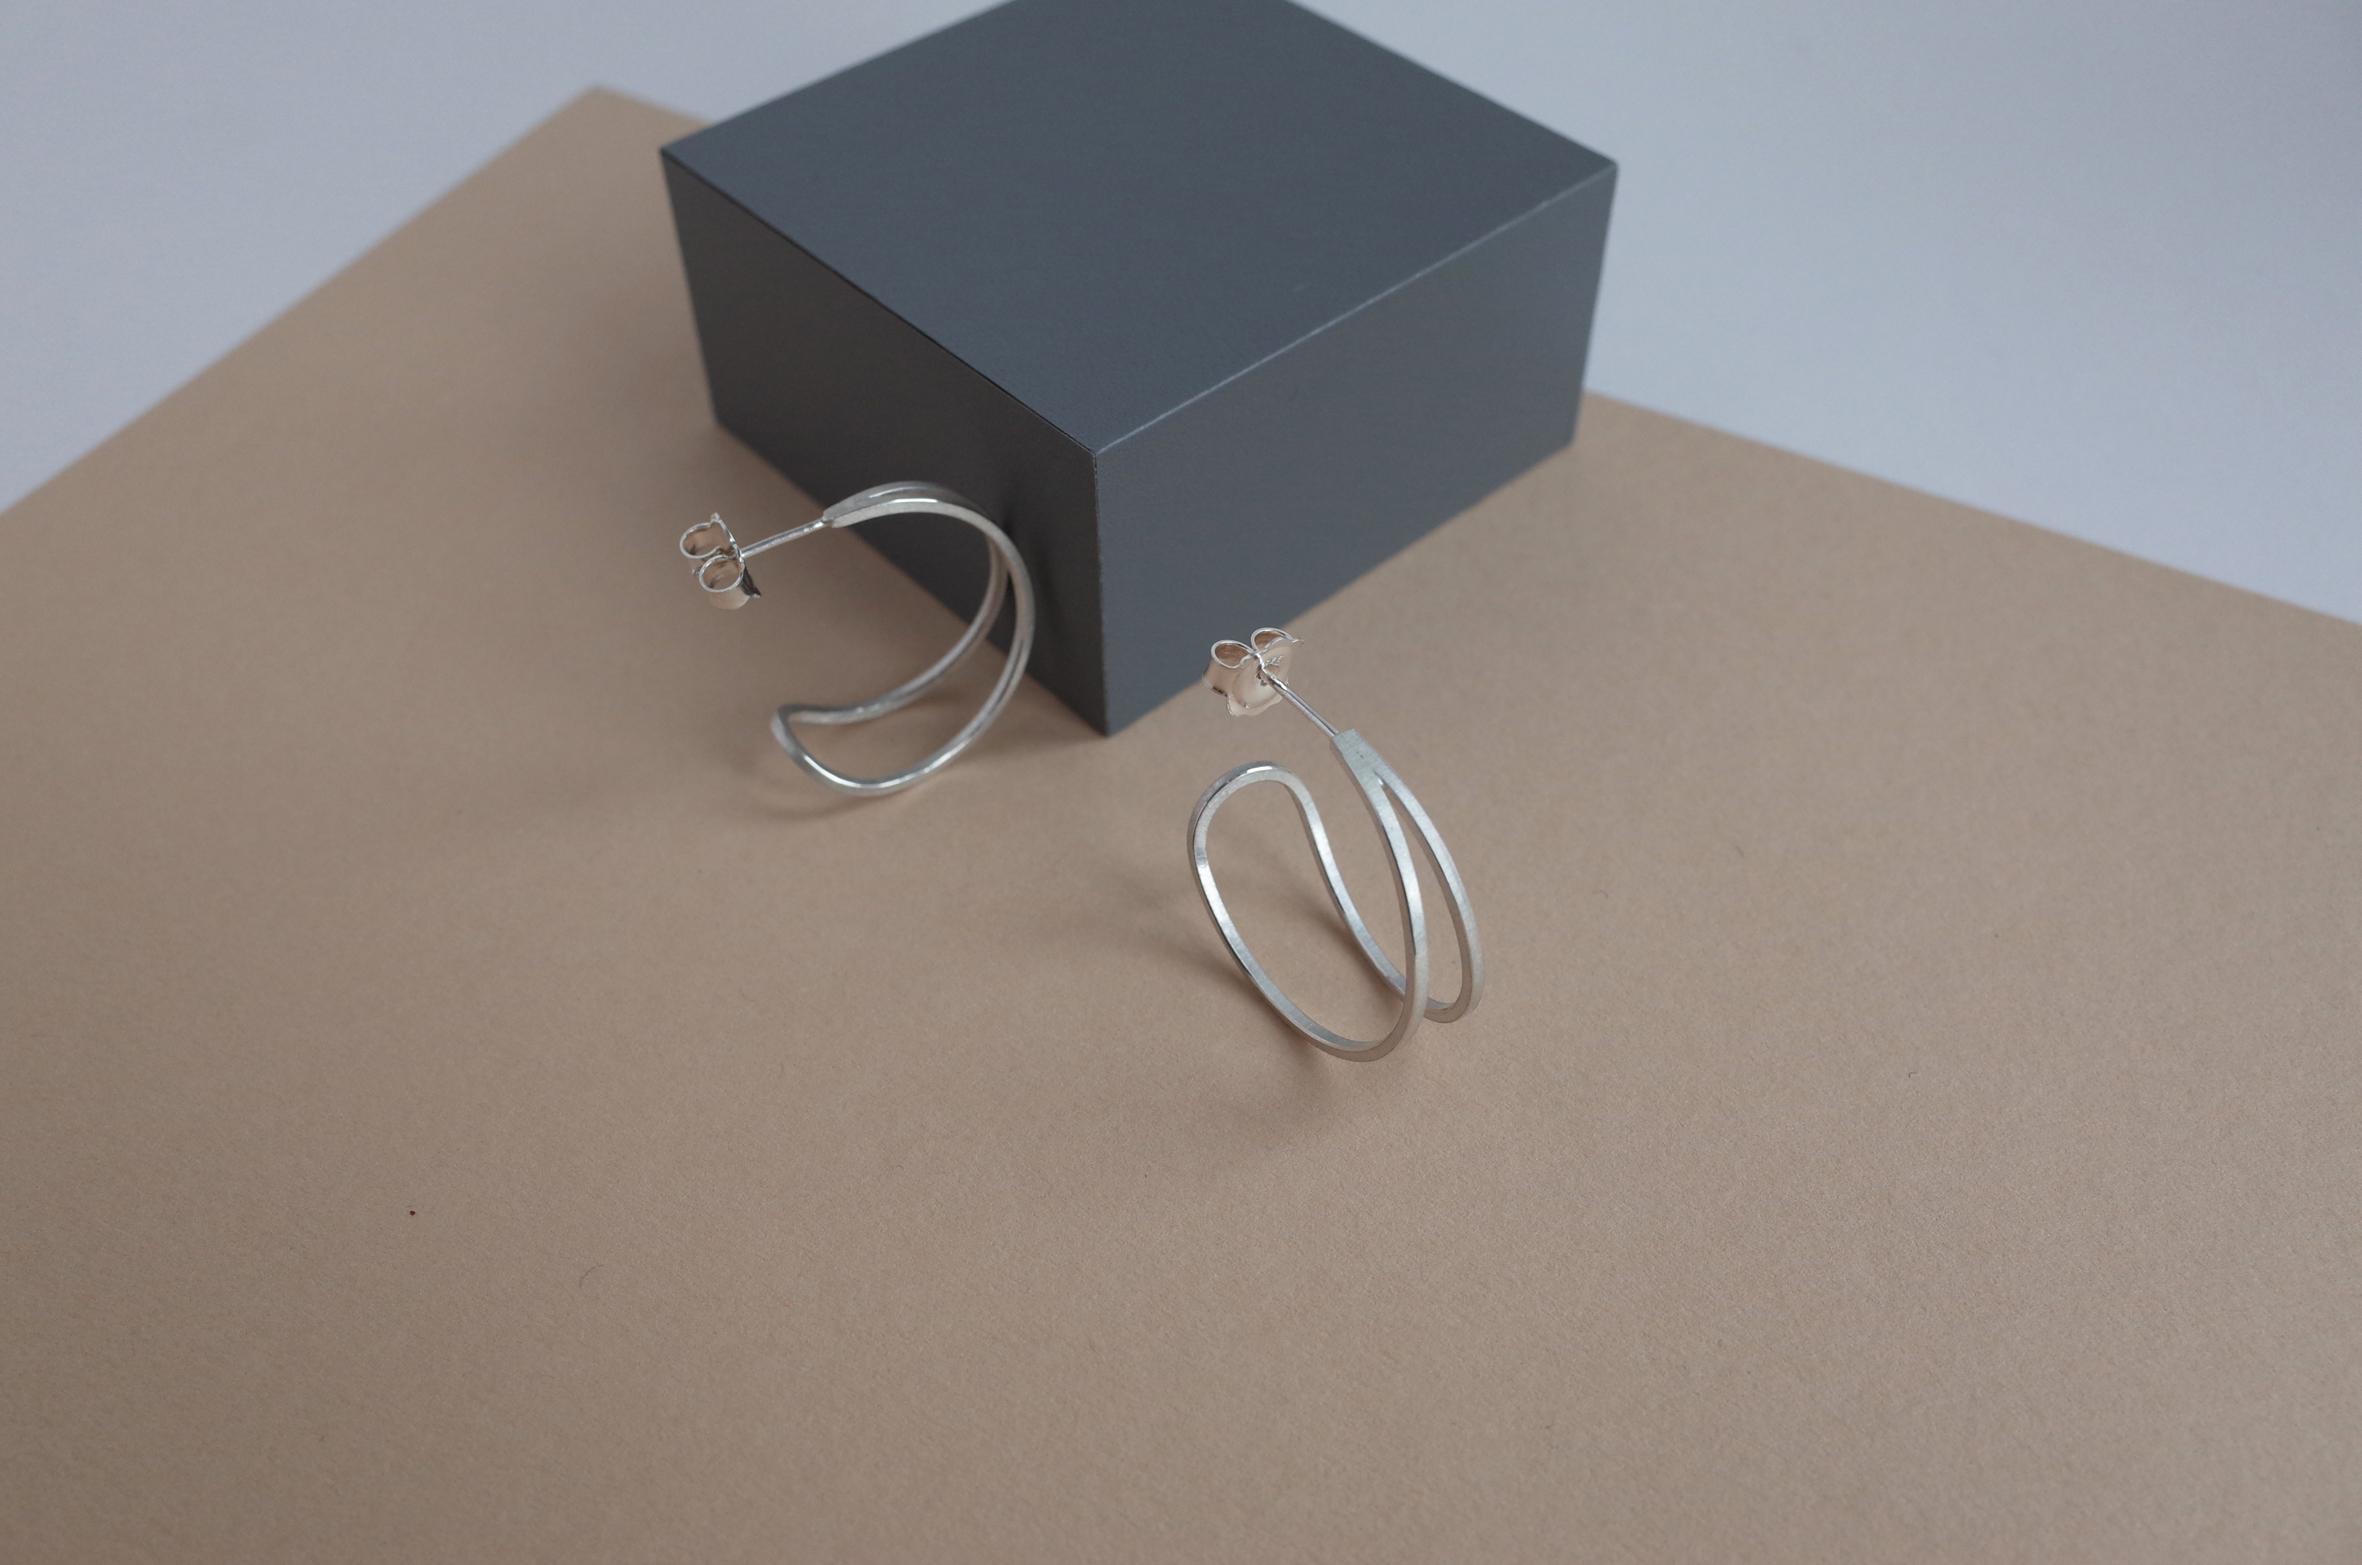 Teardrop hoop earrings by Heather Woof Jewellery